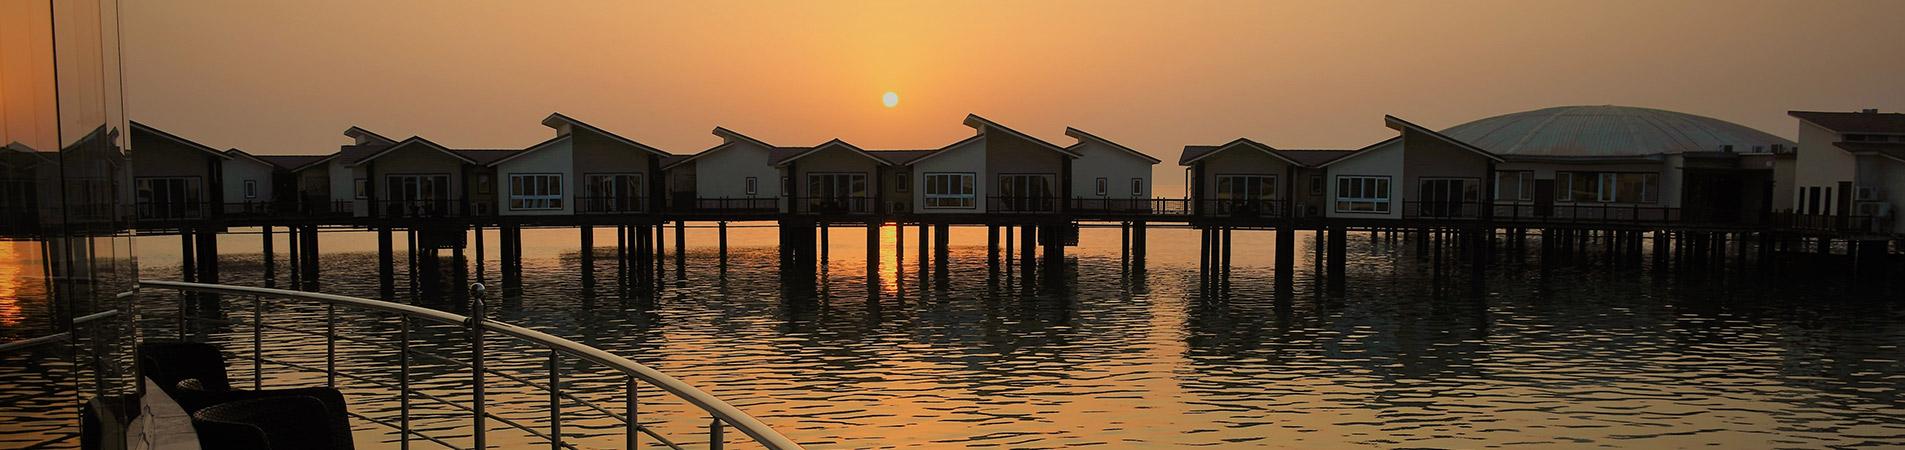 هتل های کیش ؛ با بهترین های این جزیره آشنا شوید